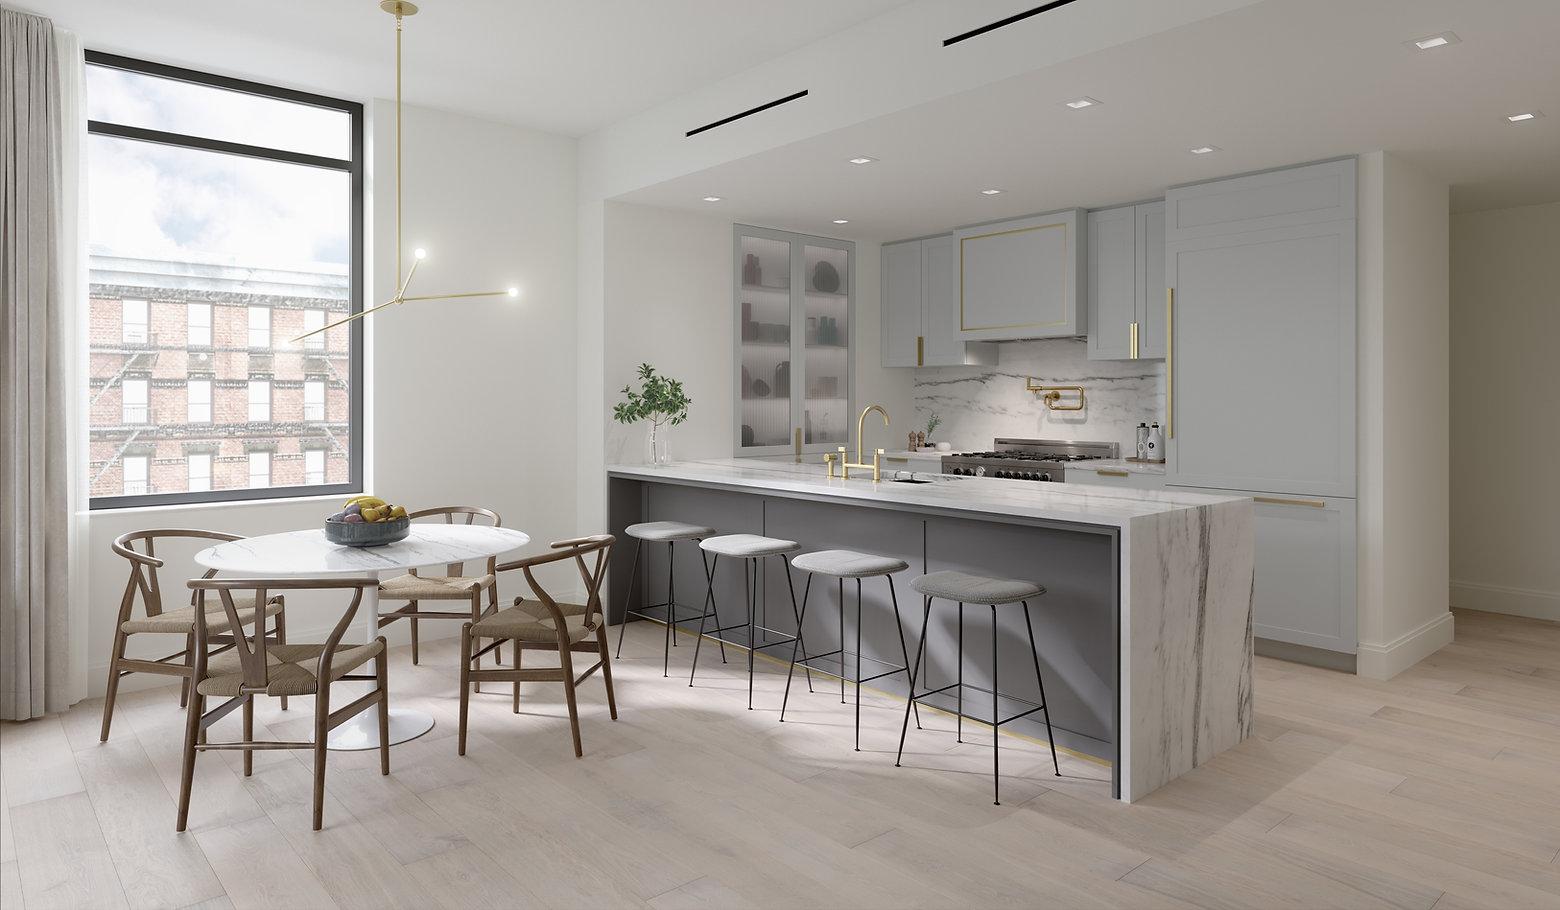 kitchen_CL.jpg